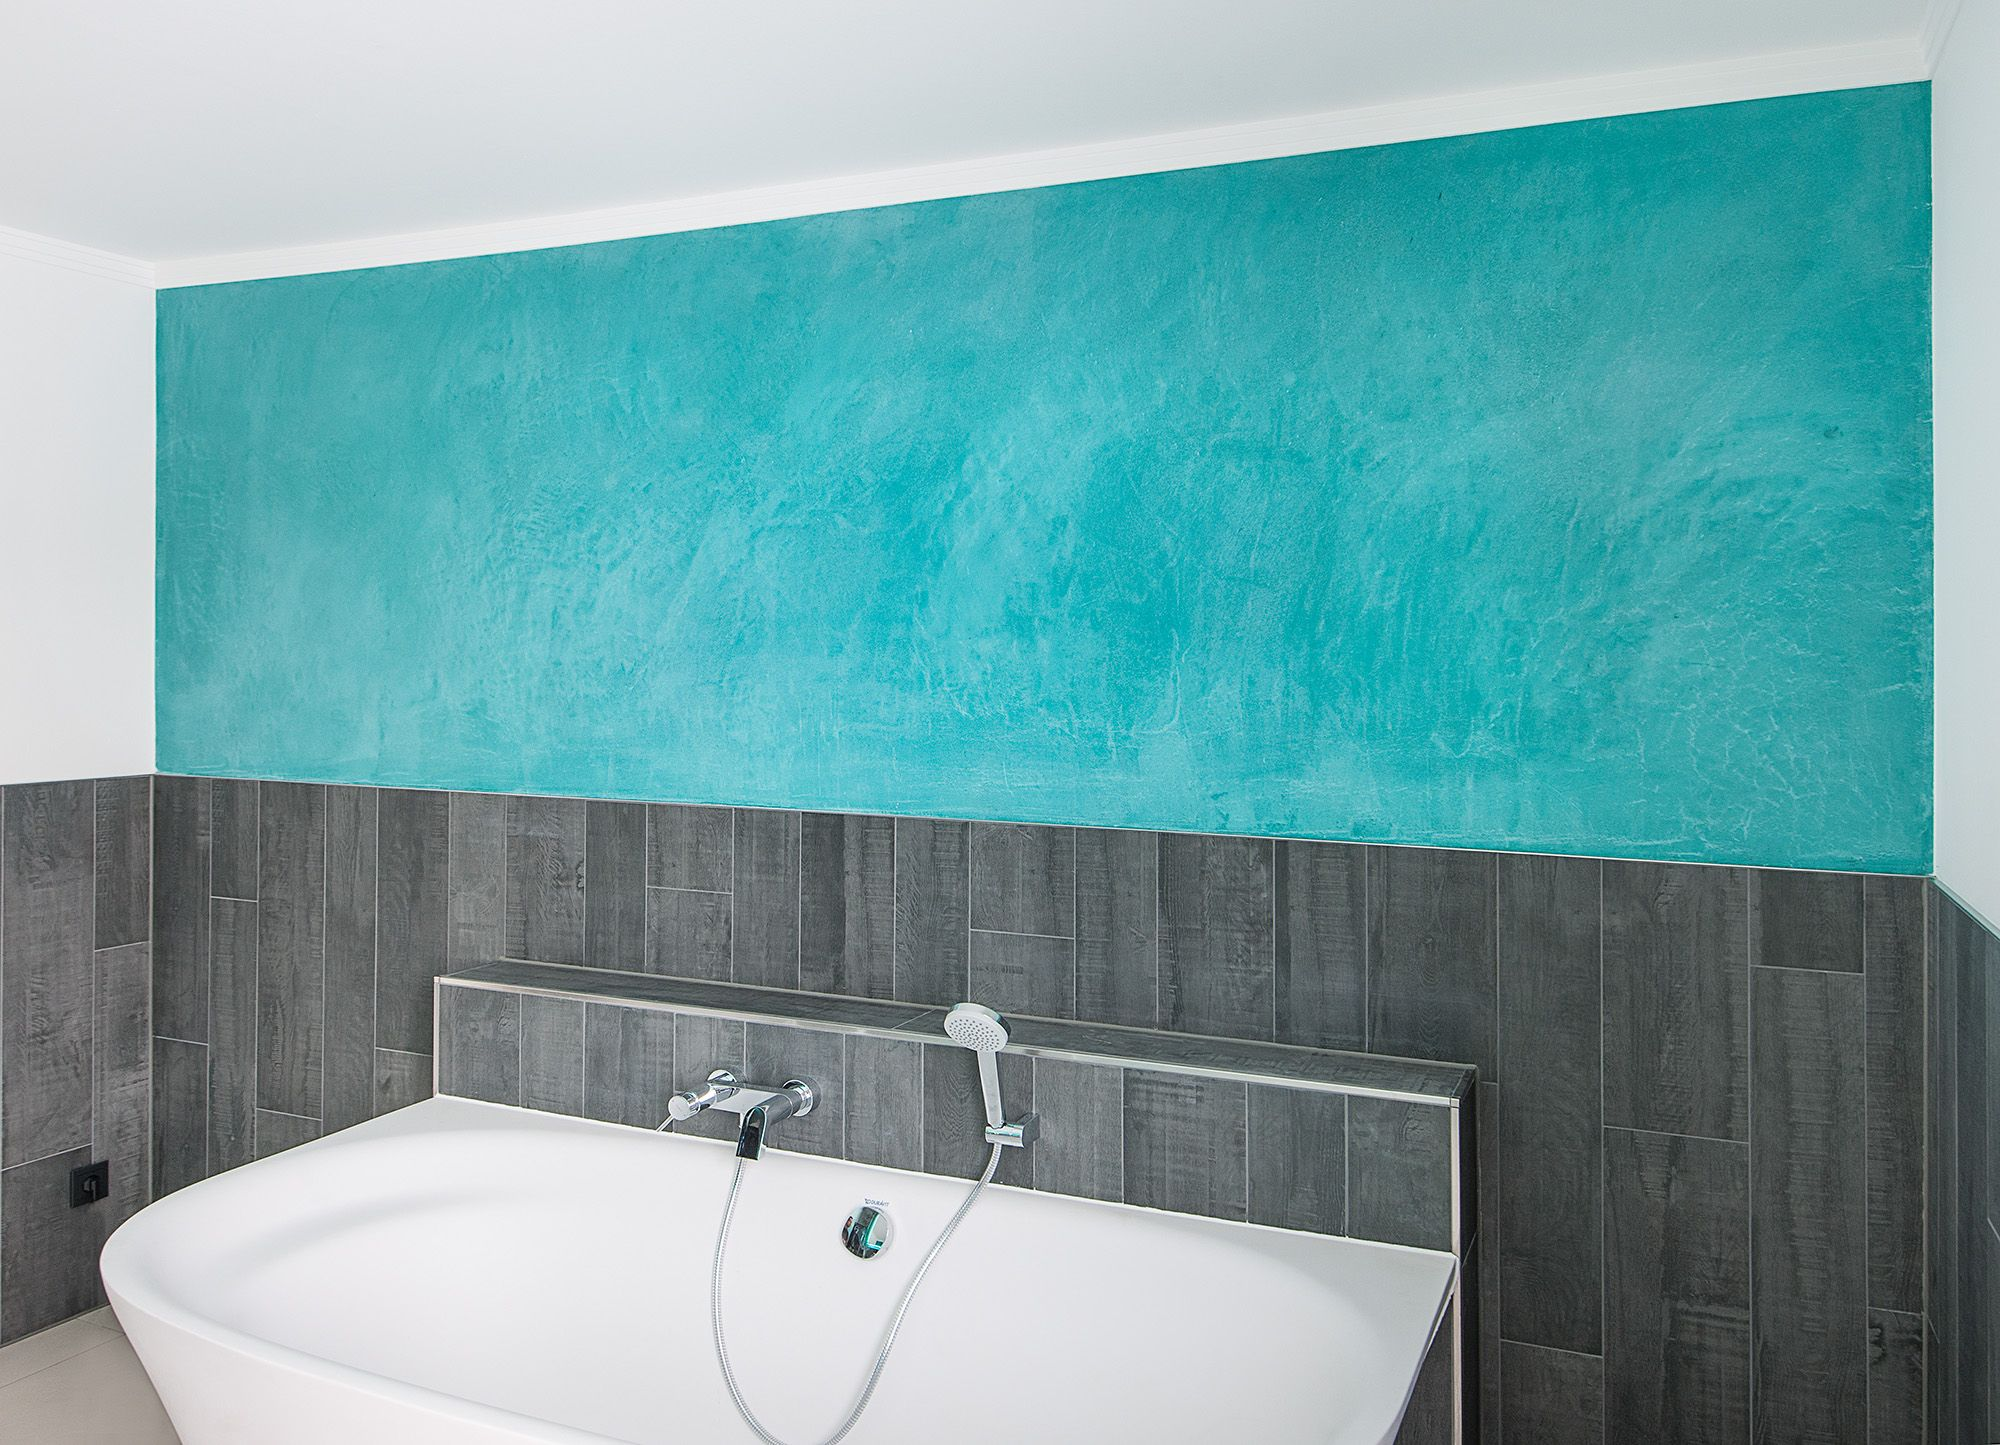 Farbige Gestaltung Einer Badezimmerwand Mit Spachteltechnik. Farbgestalter  Hannover  Farbdesign In Einem Badezimmer. Kreative